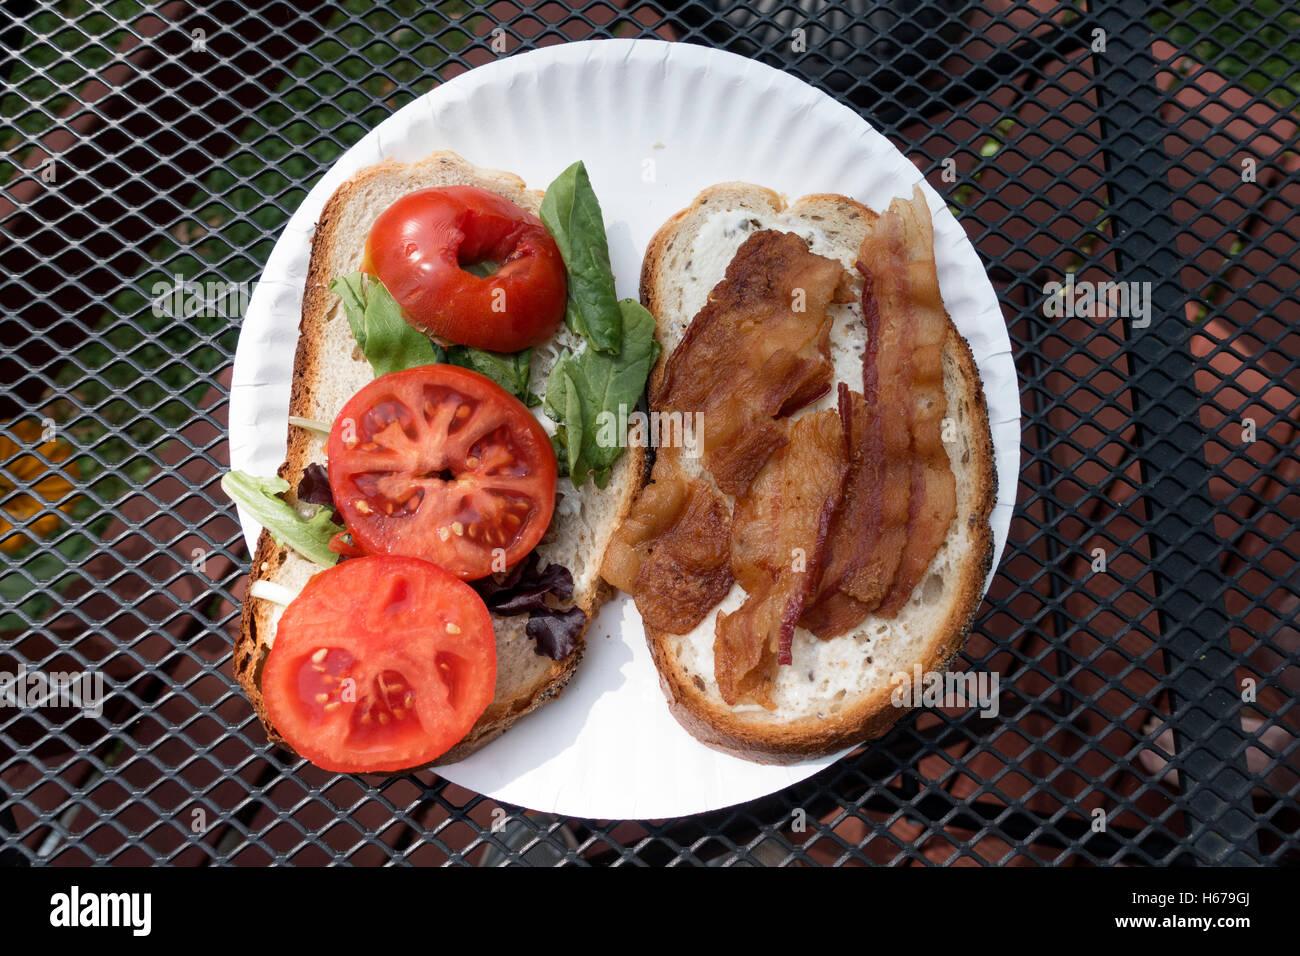 Speck, Salat und Tomate BLT Sandwich öffnen konfrontiert, auf einem offenen Gitter Tisch draußen serviert. Stockbild